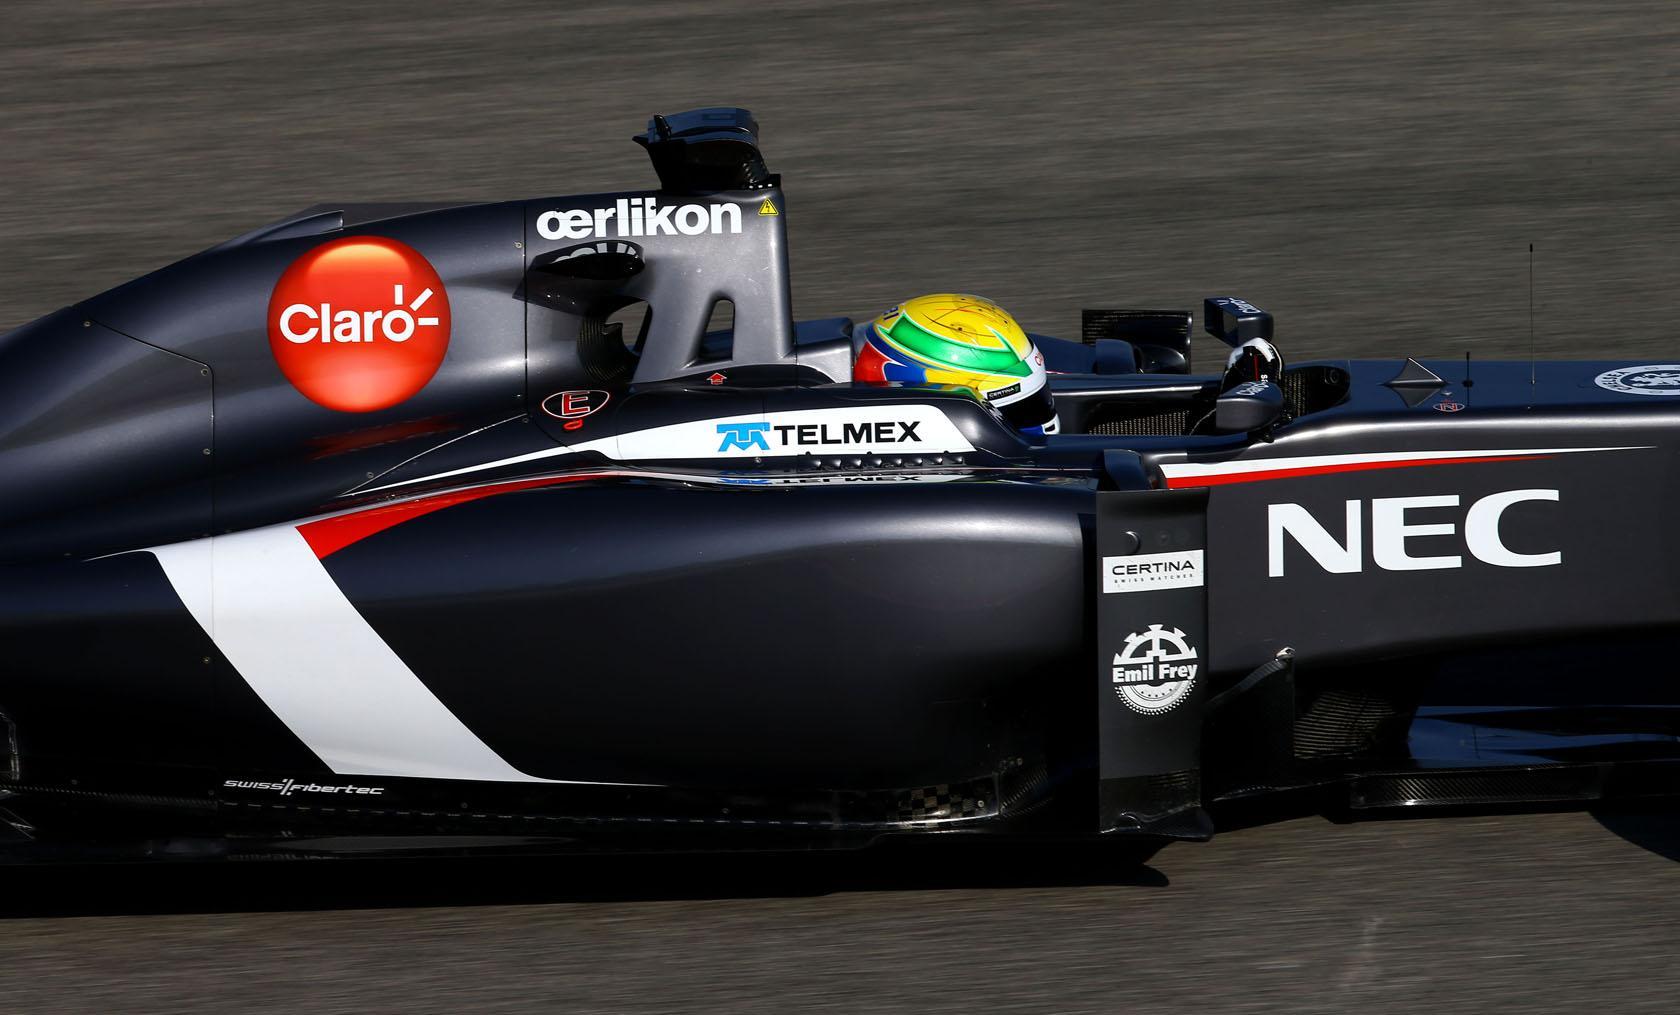 Közel 100 kört futott a Sauber Bahreinben a harmadik napon